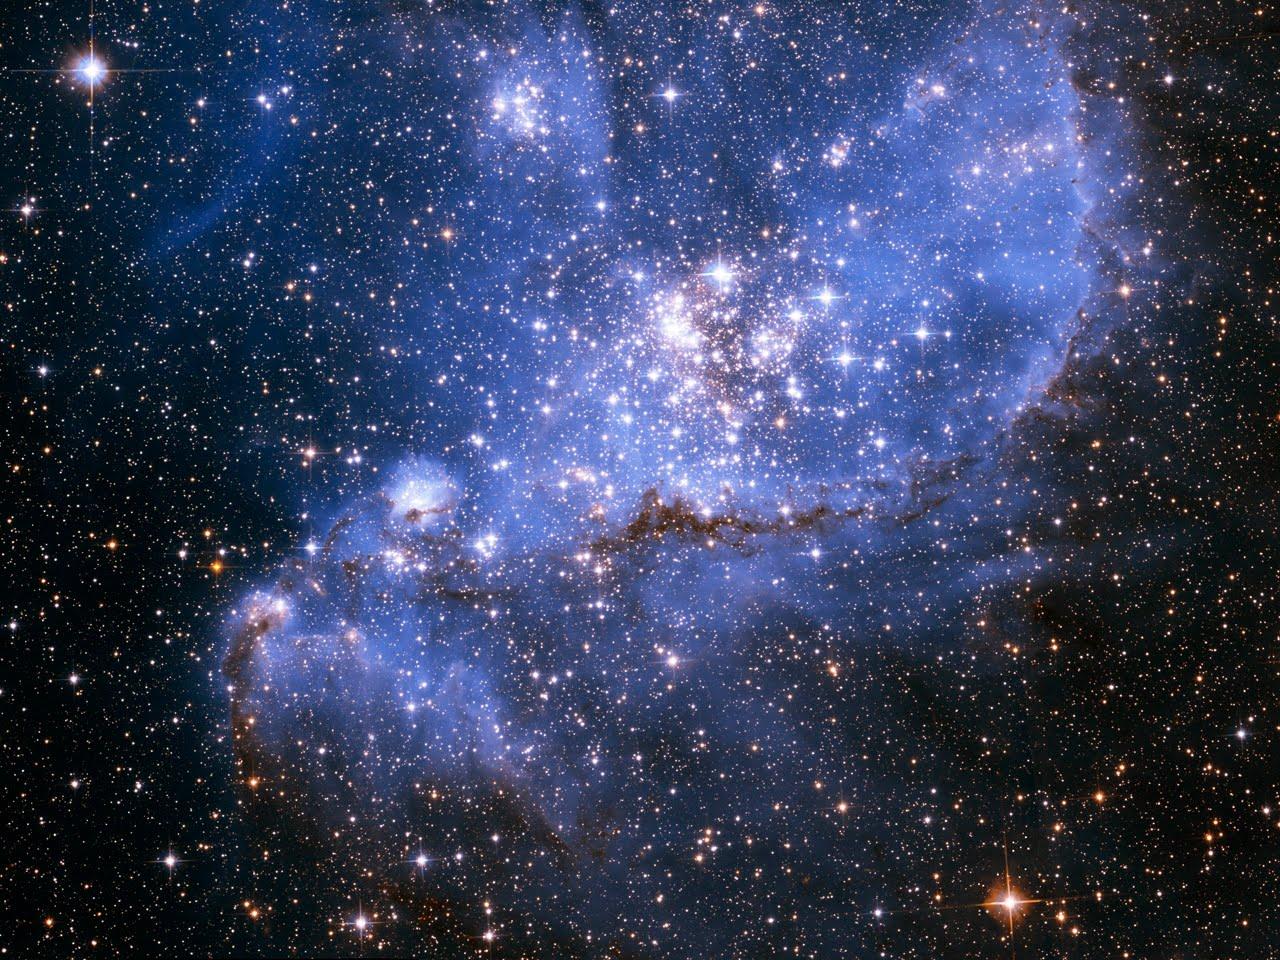 http://3.bp.blogspot.com/-qs68WRFTI_M/Tcm8lAnnIjI/AAAAAAAAANM/TblDOTKtOPA/s1600/tarantula-nebula-hd-wallpaper.jpg